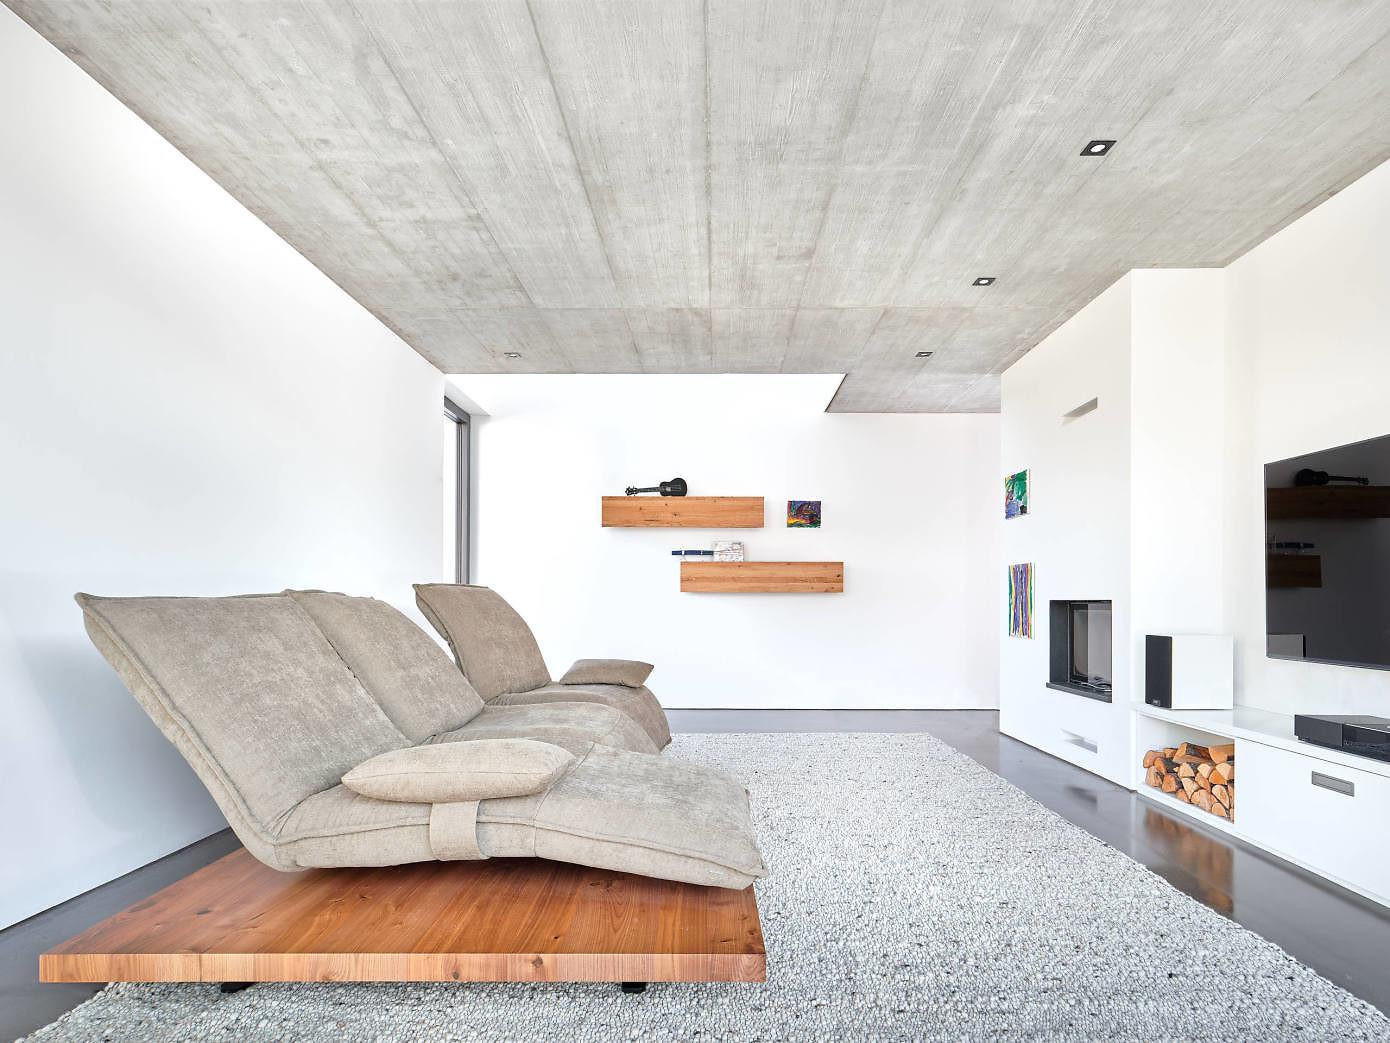 House Pe15 By Schiller Architektur Bda Homeadore